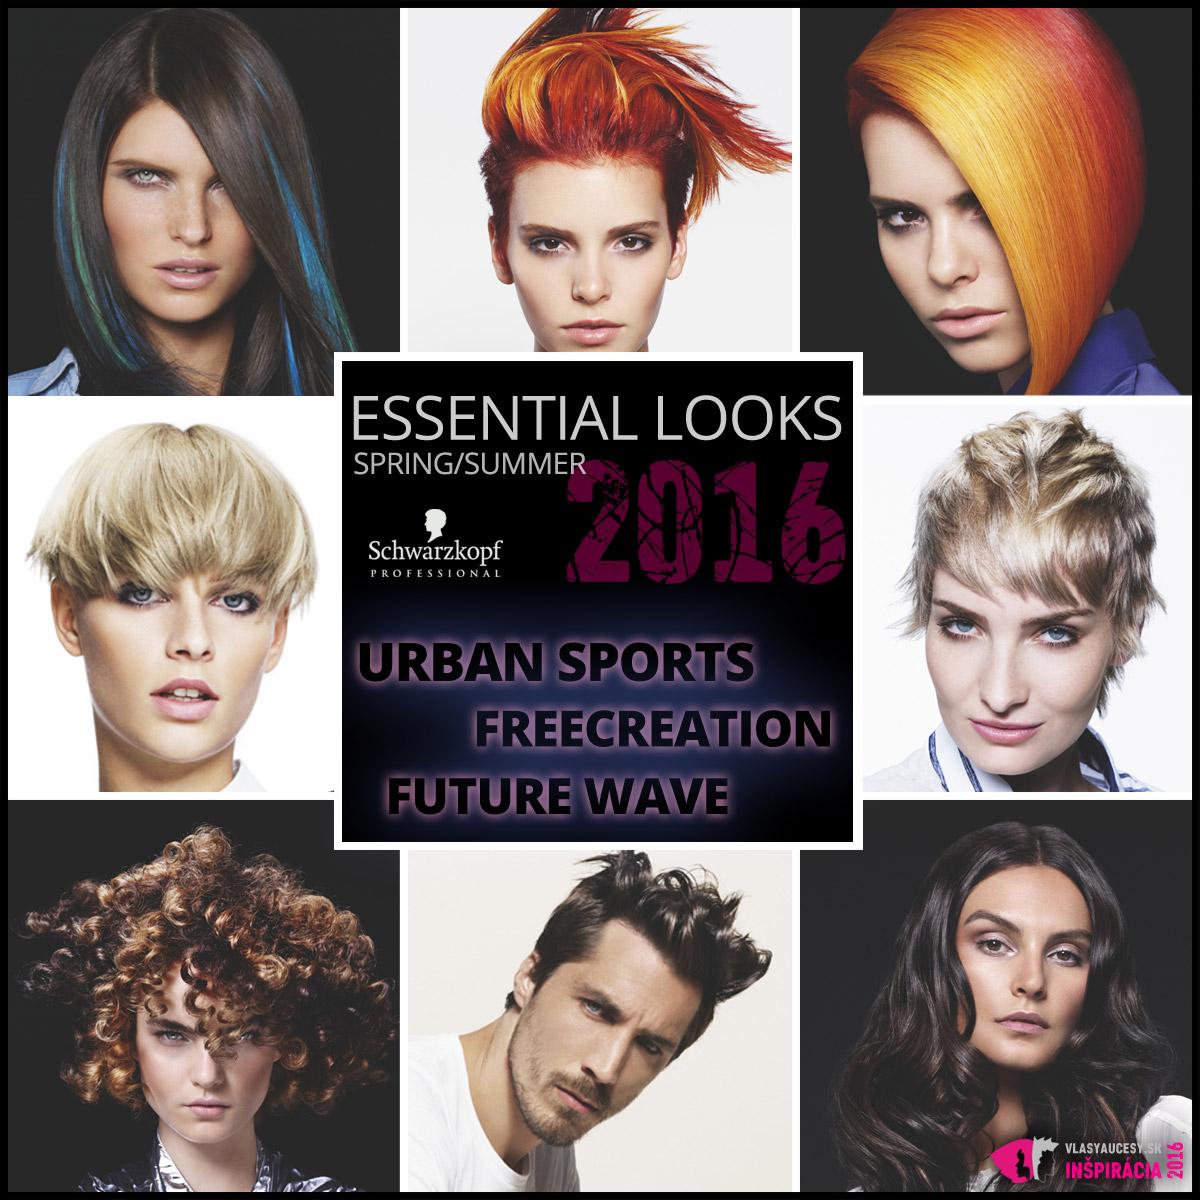 Schwarzkopf Professional predstavuje svoje jarné účesy 2016 v kolekcii Essential Looks S/S 2016.